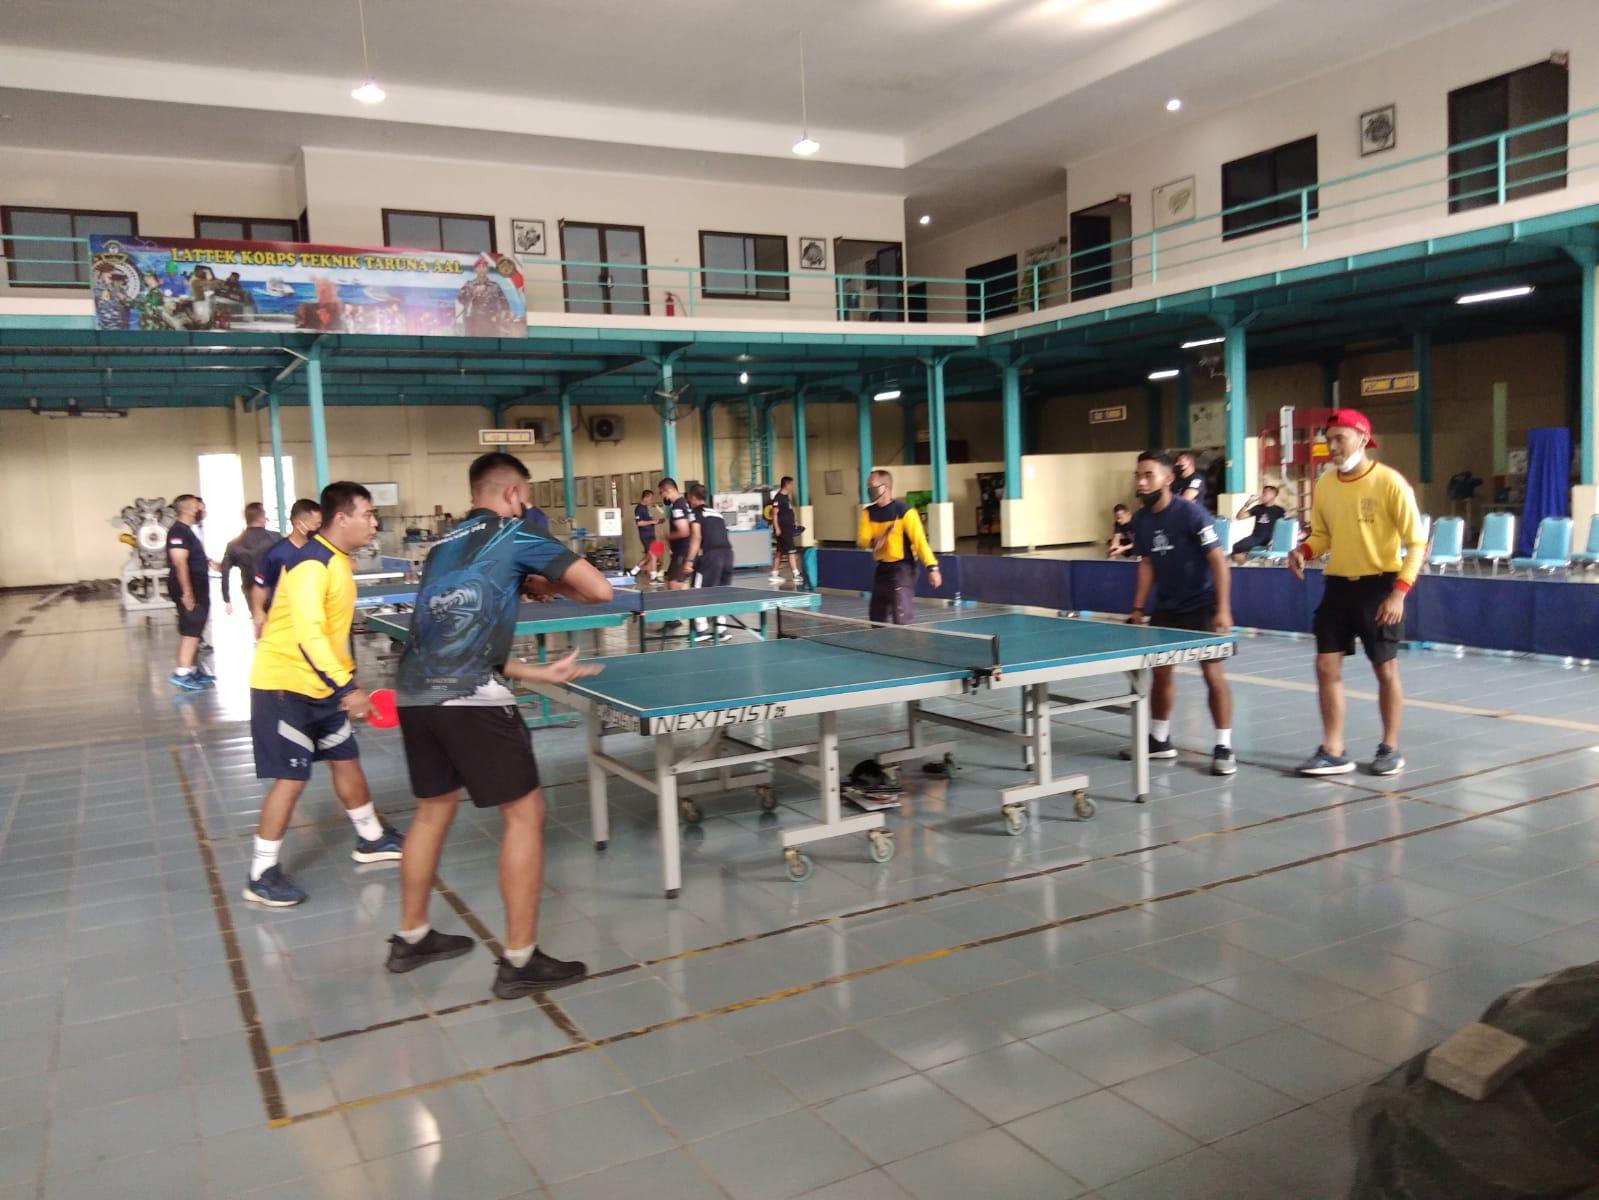 Olahraga Ping-Pong Dikatakan Gubernur AAL Terlihat Ringan dan Bagus Latih Refleks serta Bakar Kalori